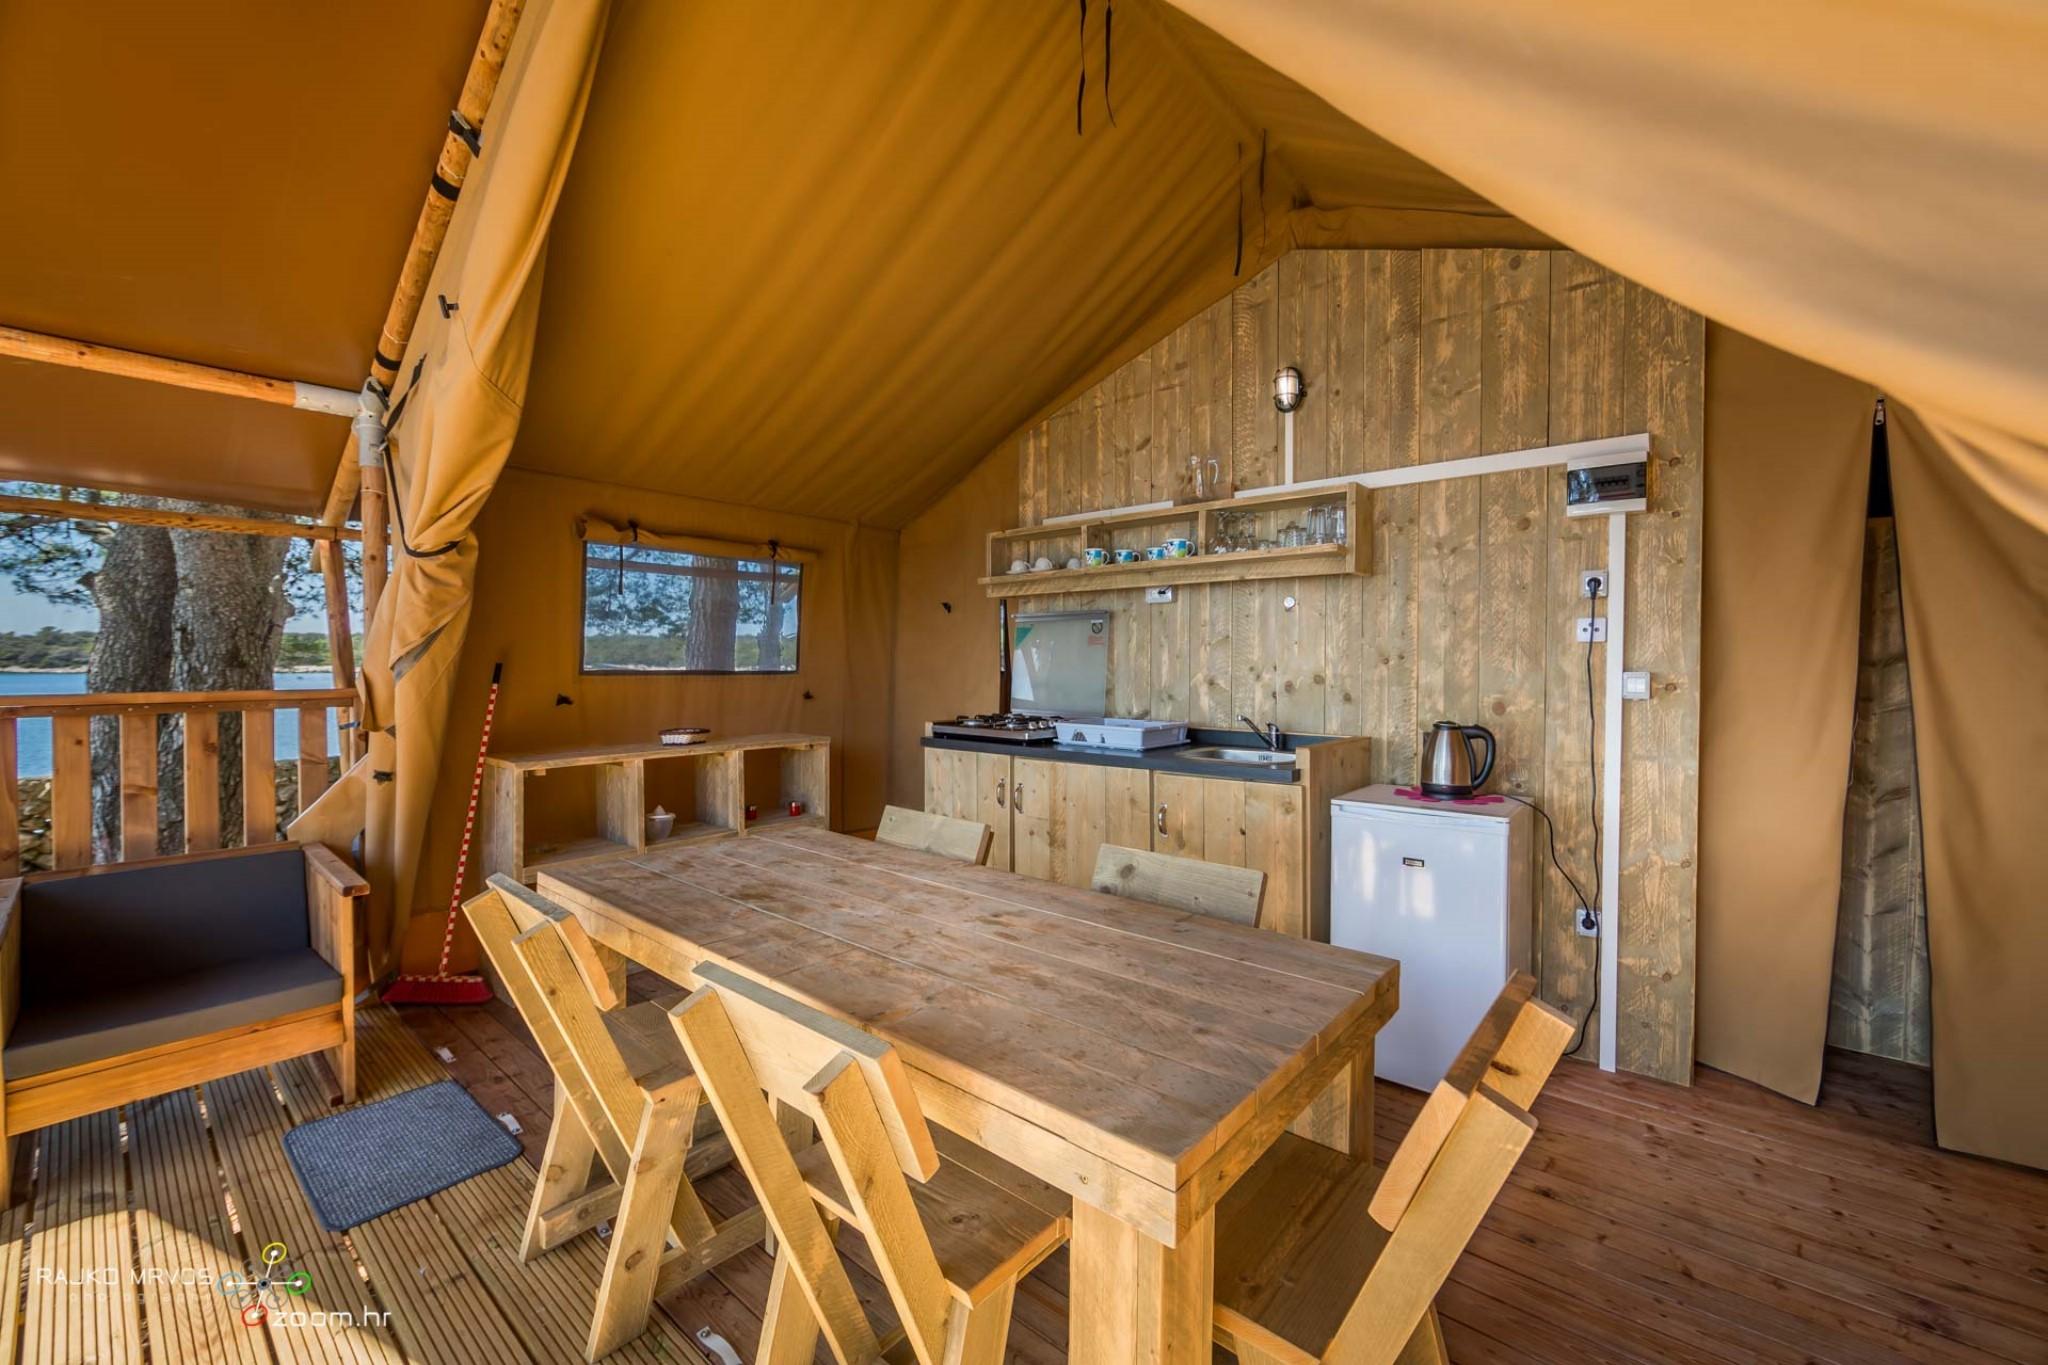 fotografiranje-interijera-fotograf-eksterijera-kampova-bungalova-kamp-satori-mobilne-kucice-16